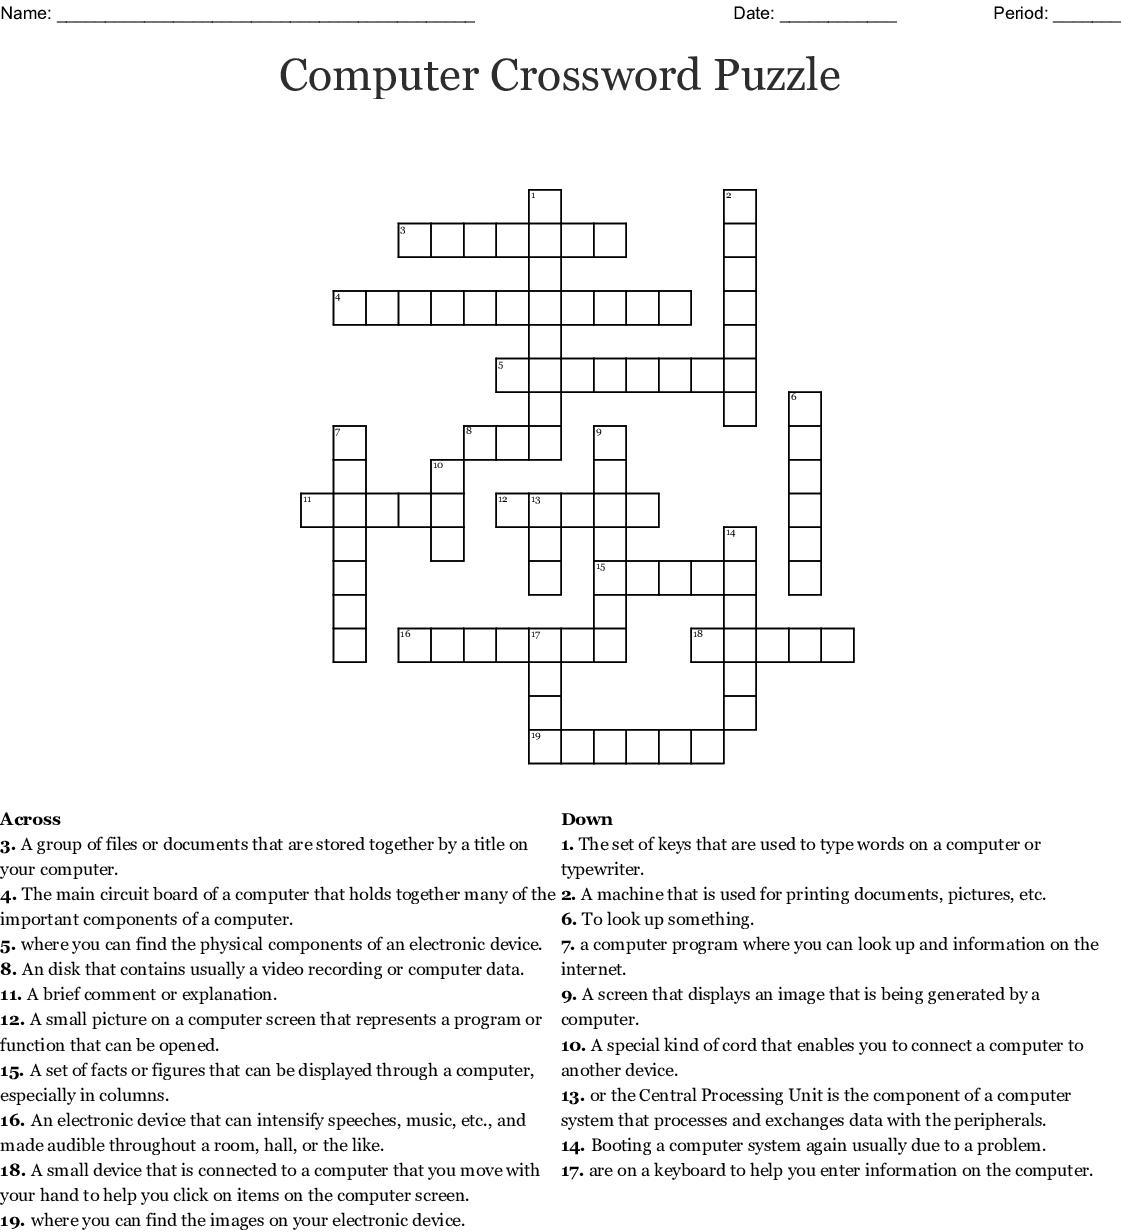 Computer Crossword Puzzle Crossword - Wordmint - Computer Crossword Puzzles Printable